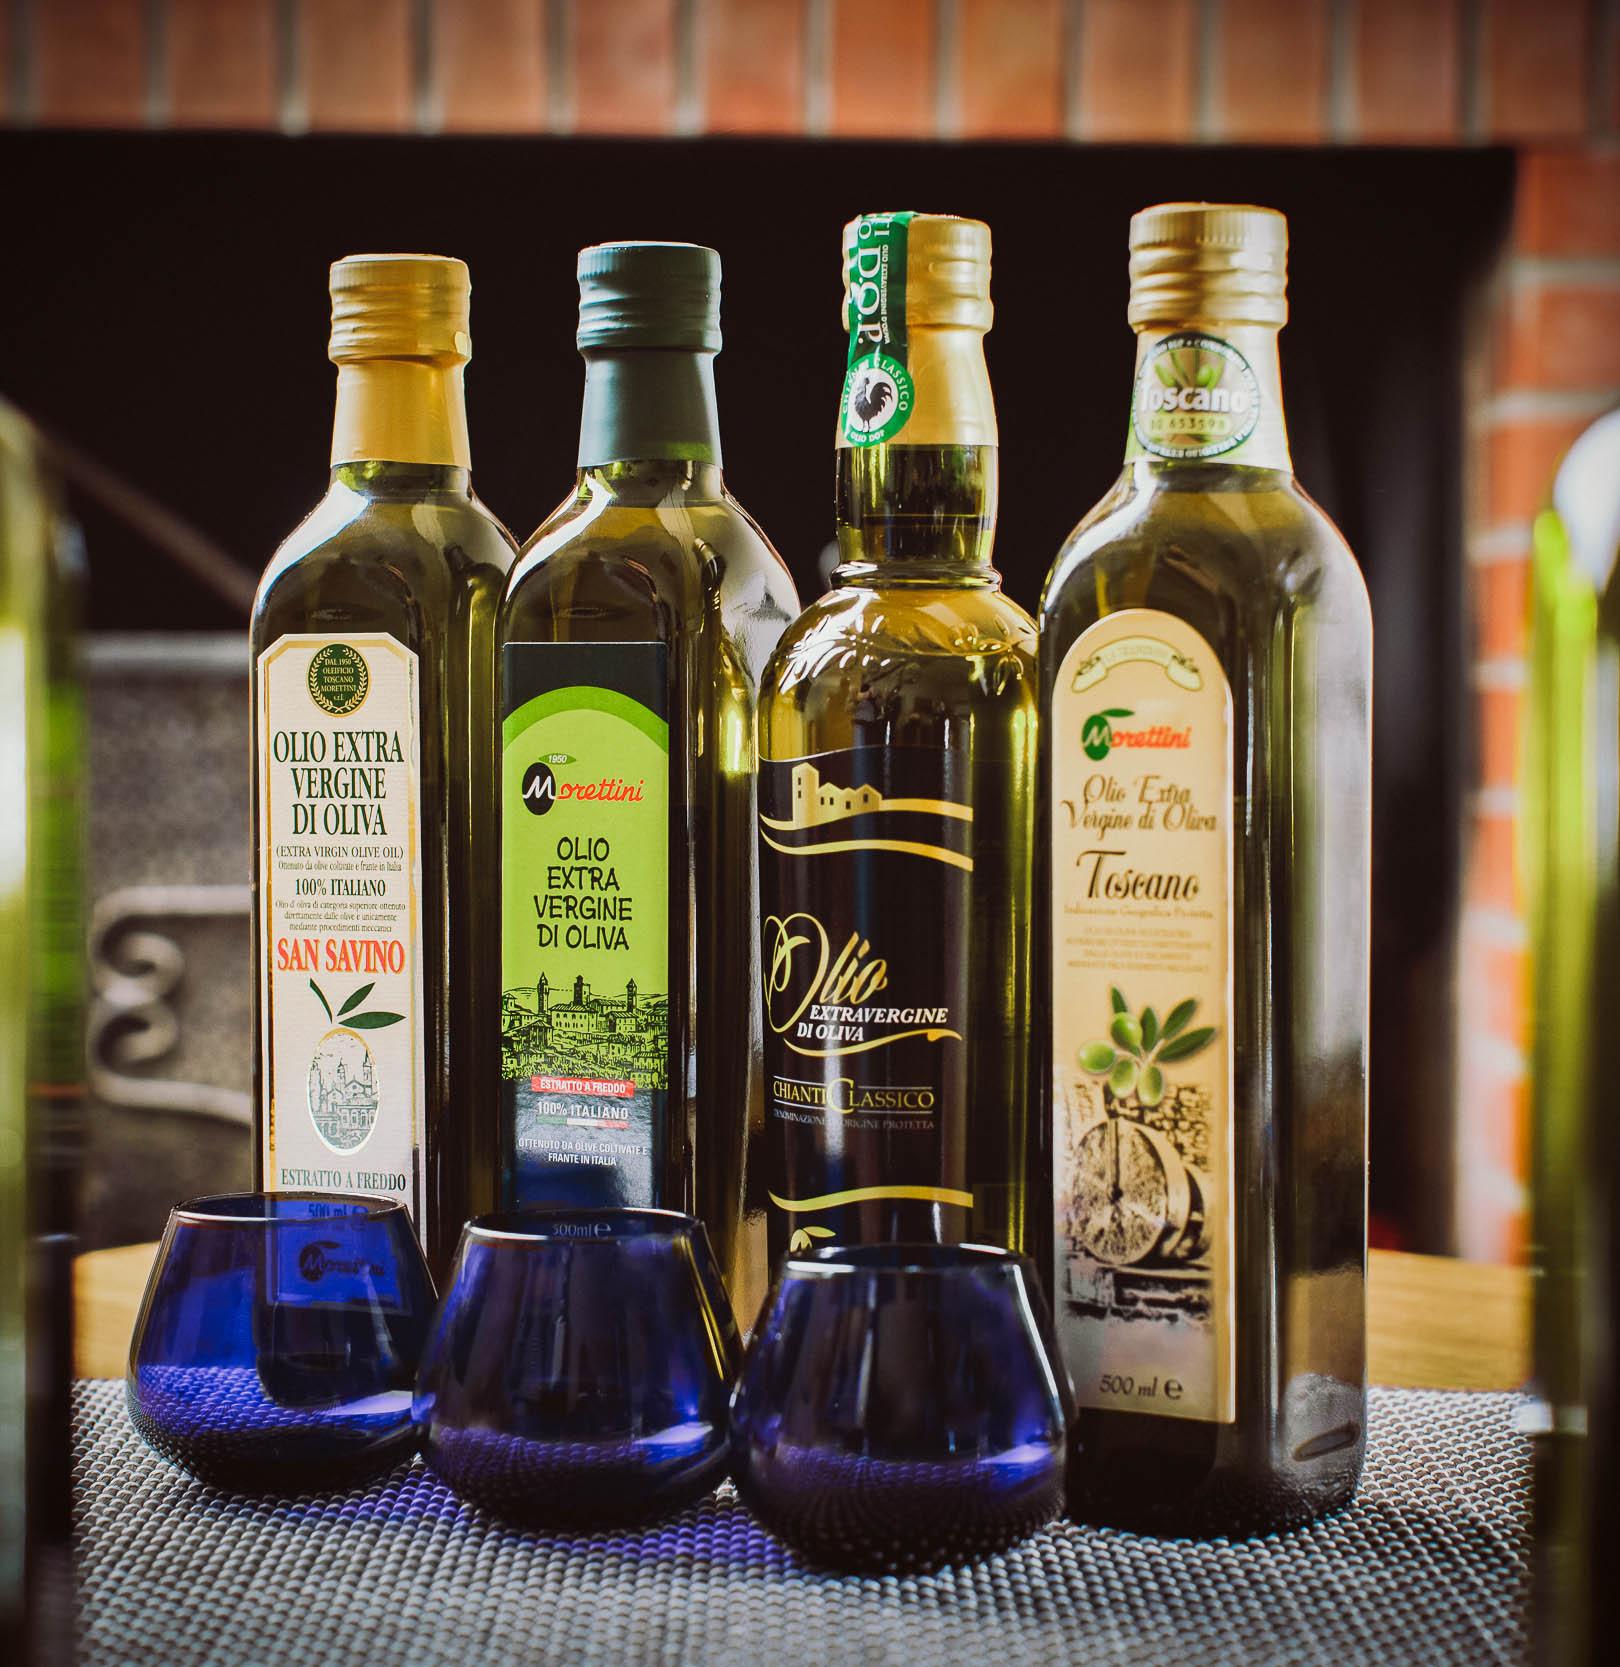 Prodotti Morettini oleificio toscano